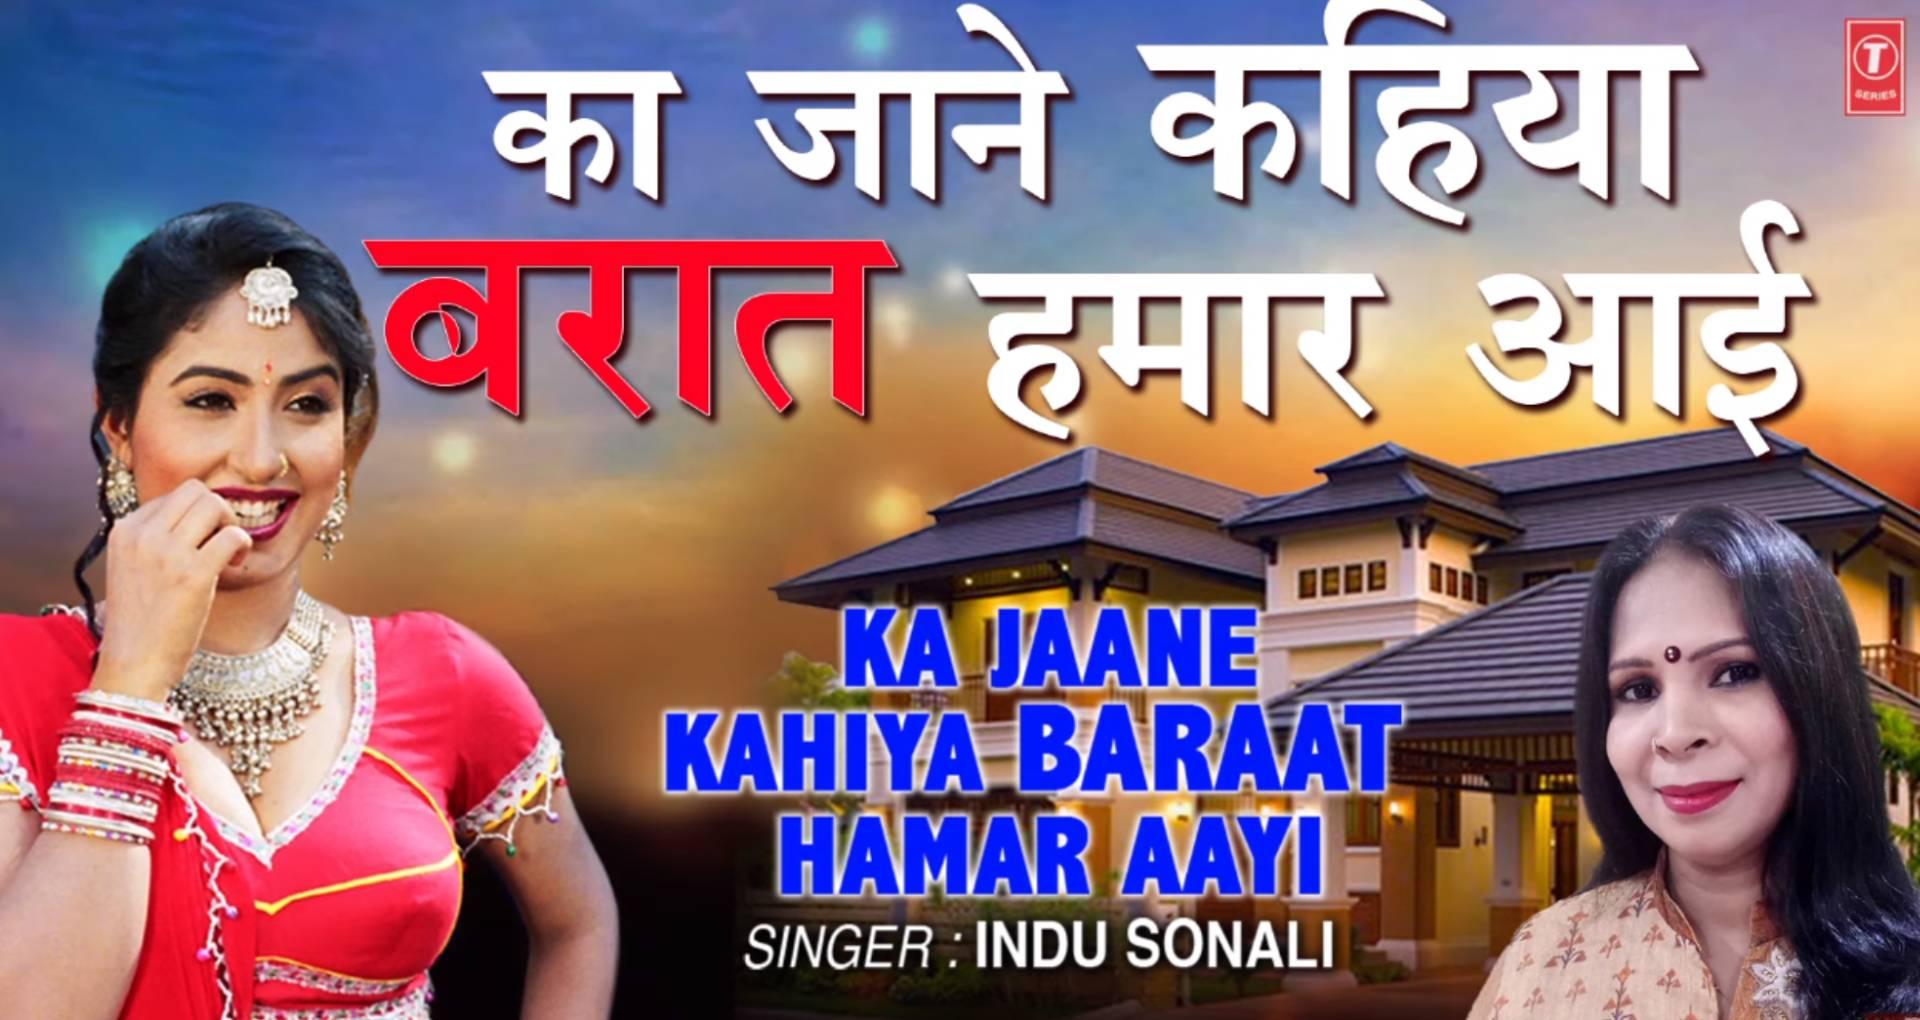 Ka Jaane Kahiya Baraat Hamar Aayi Song: इंदु सोनाली का ये सॉन्ग सुनकर बन जाएगा शादी का मूड, देखिए ये वीडियो